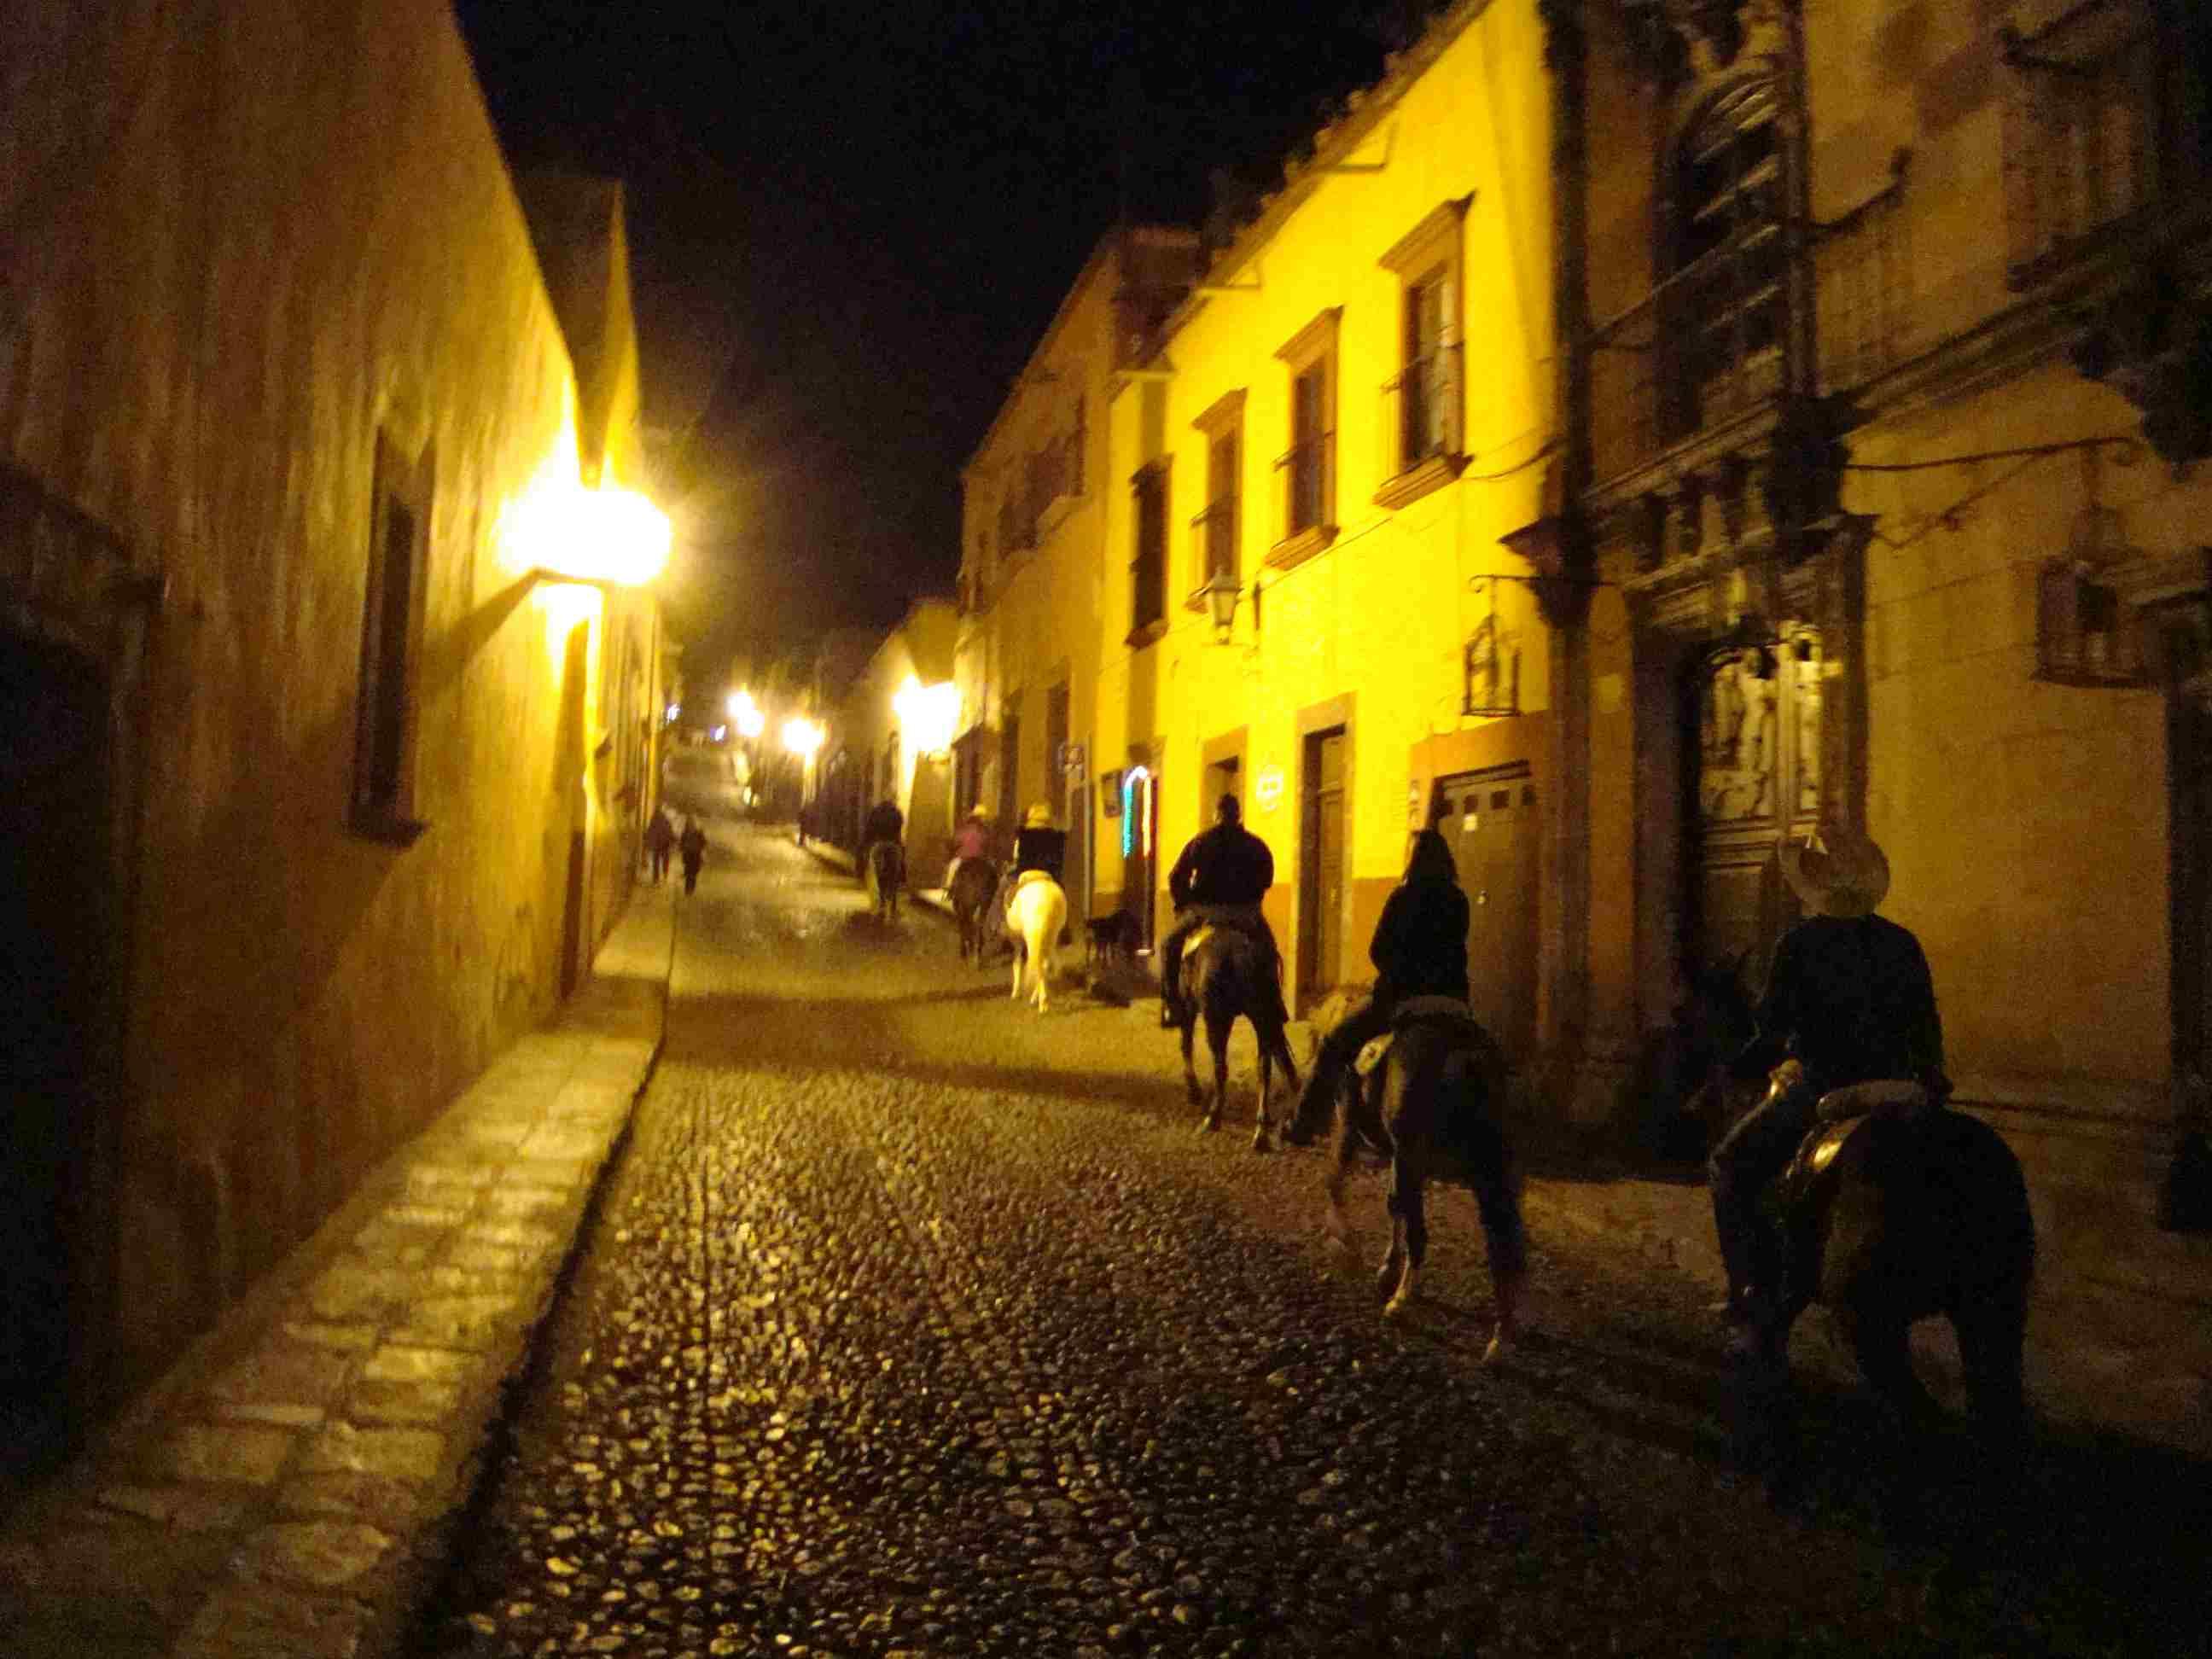 Horseback San Miguel de Allende